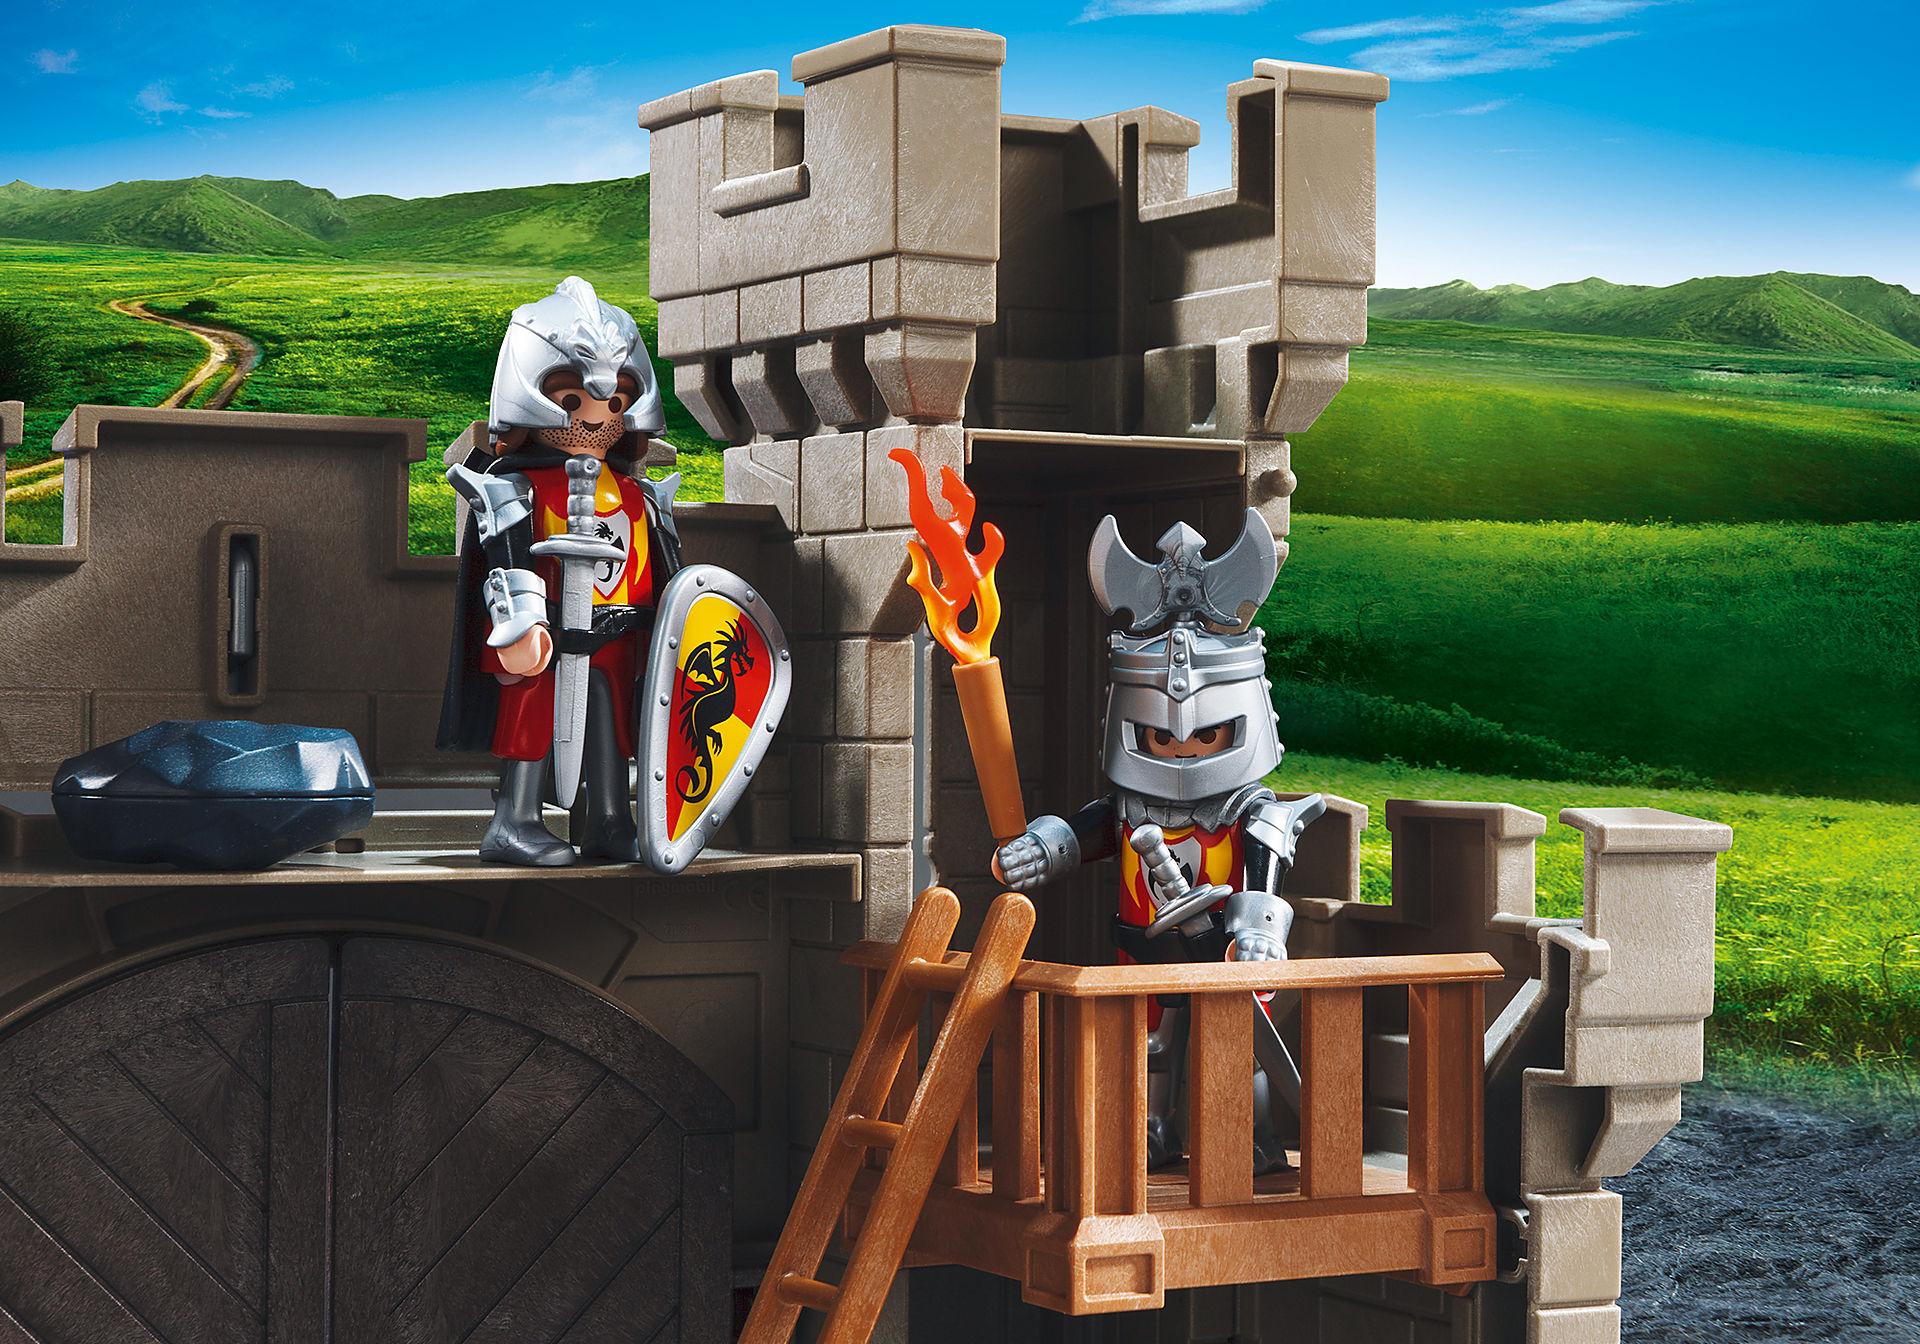 http://media.playmobil.com/i/playmobil/5670_product_extra4/Set Castelo de Cavaleiros